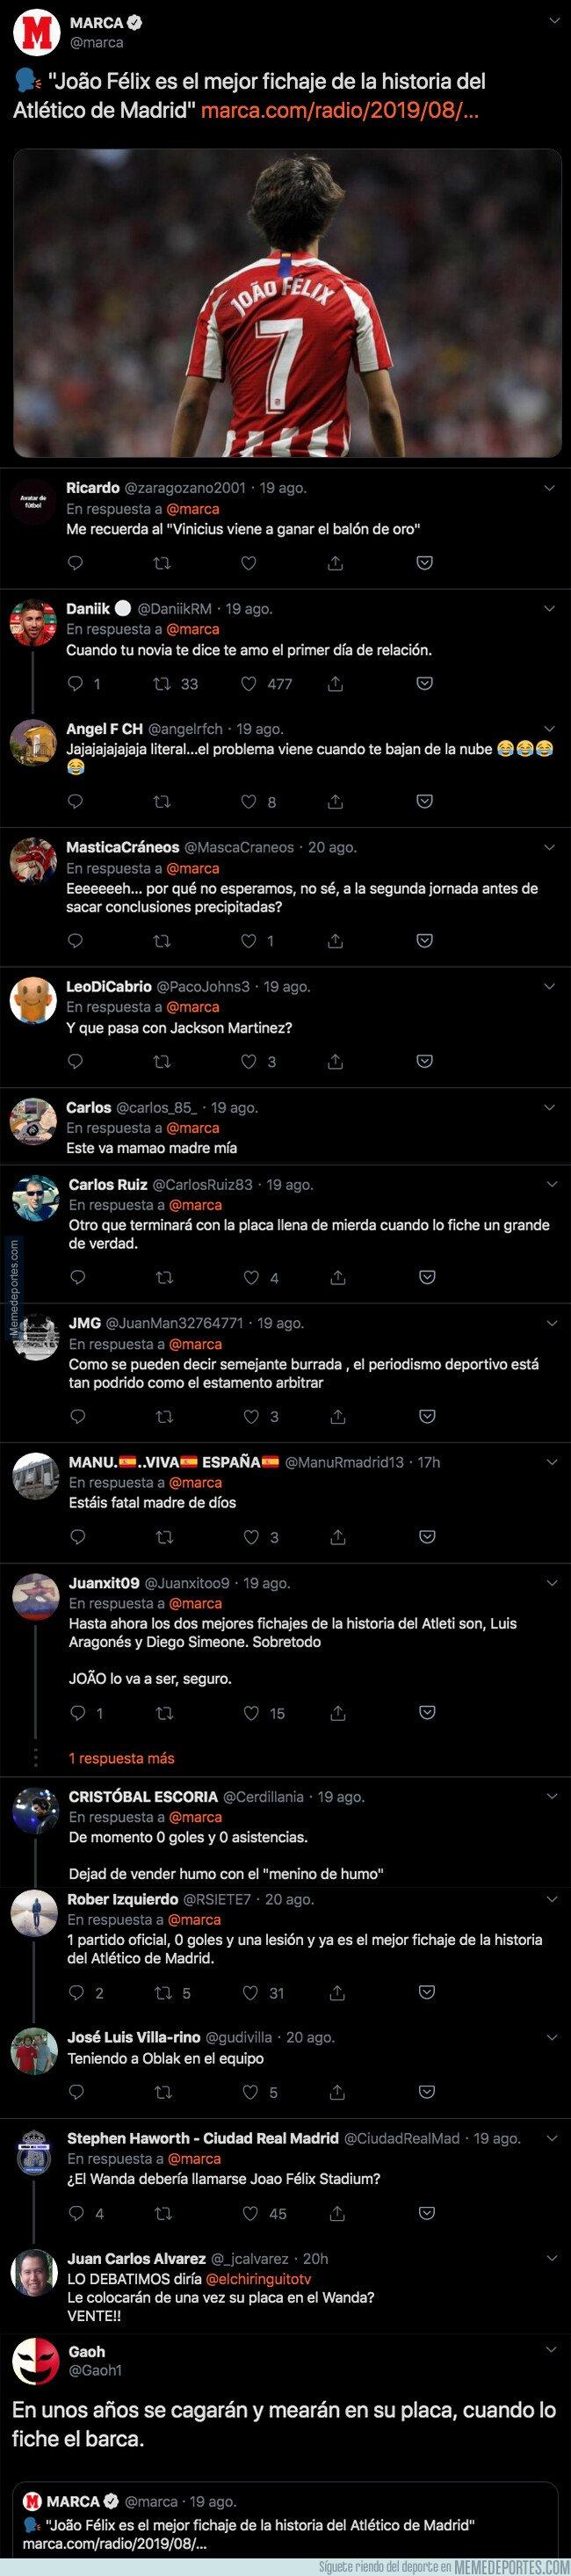 1083921 - Todo el mundo está criticando duramente esta frase que han dicho sobre Joao Felix tras jugar solamente un partido con el Atlético de Madrid